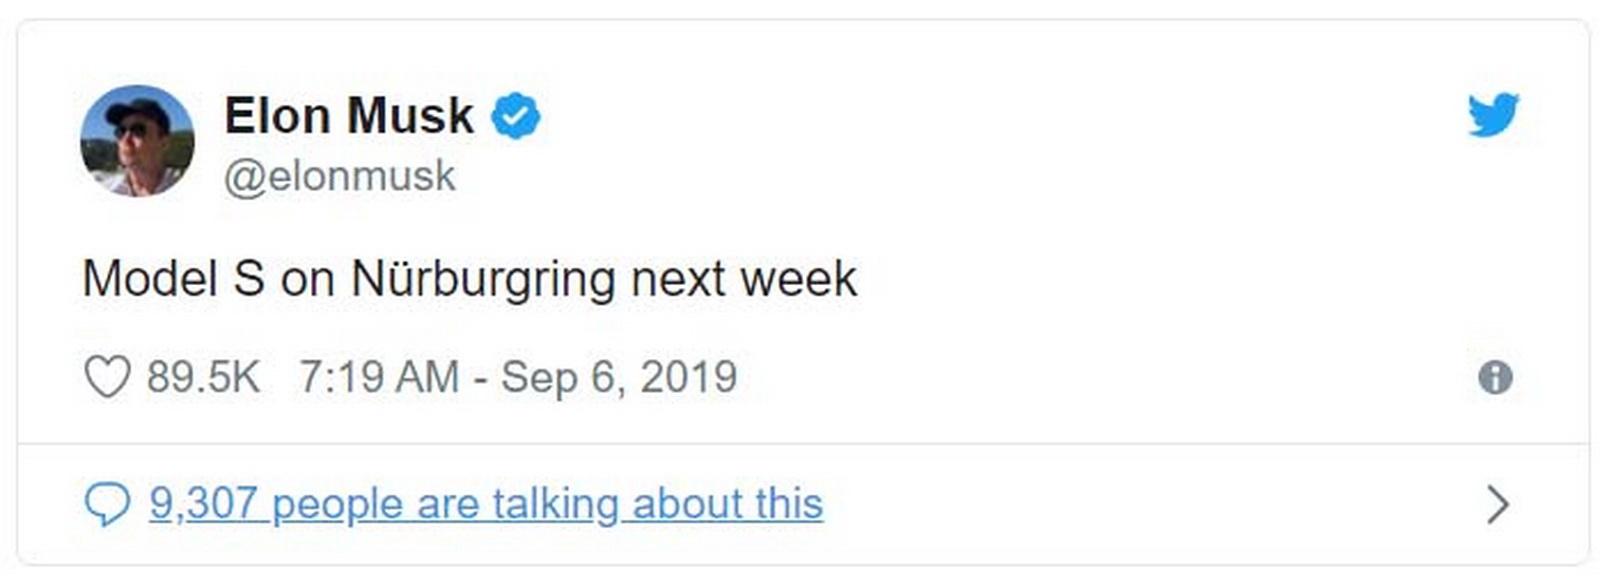 圖/日前Elon Musk在Twitter發出一則貼文,寫著:「Tesla Model S將在下周於紐柏林賽道登場。」立刻吸引各界人士留言,其中還包括前F1世界冠軍Nico Rosberg。